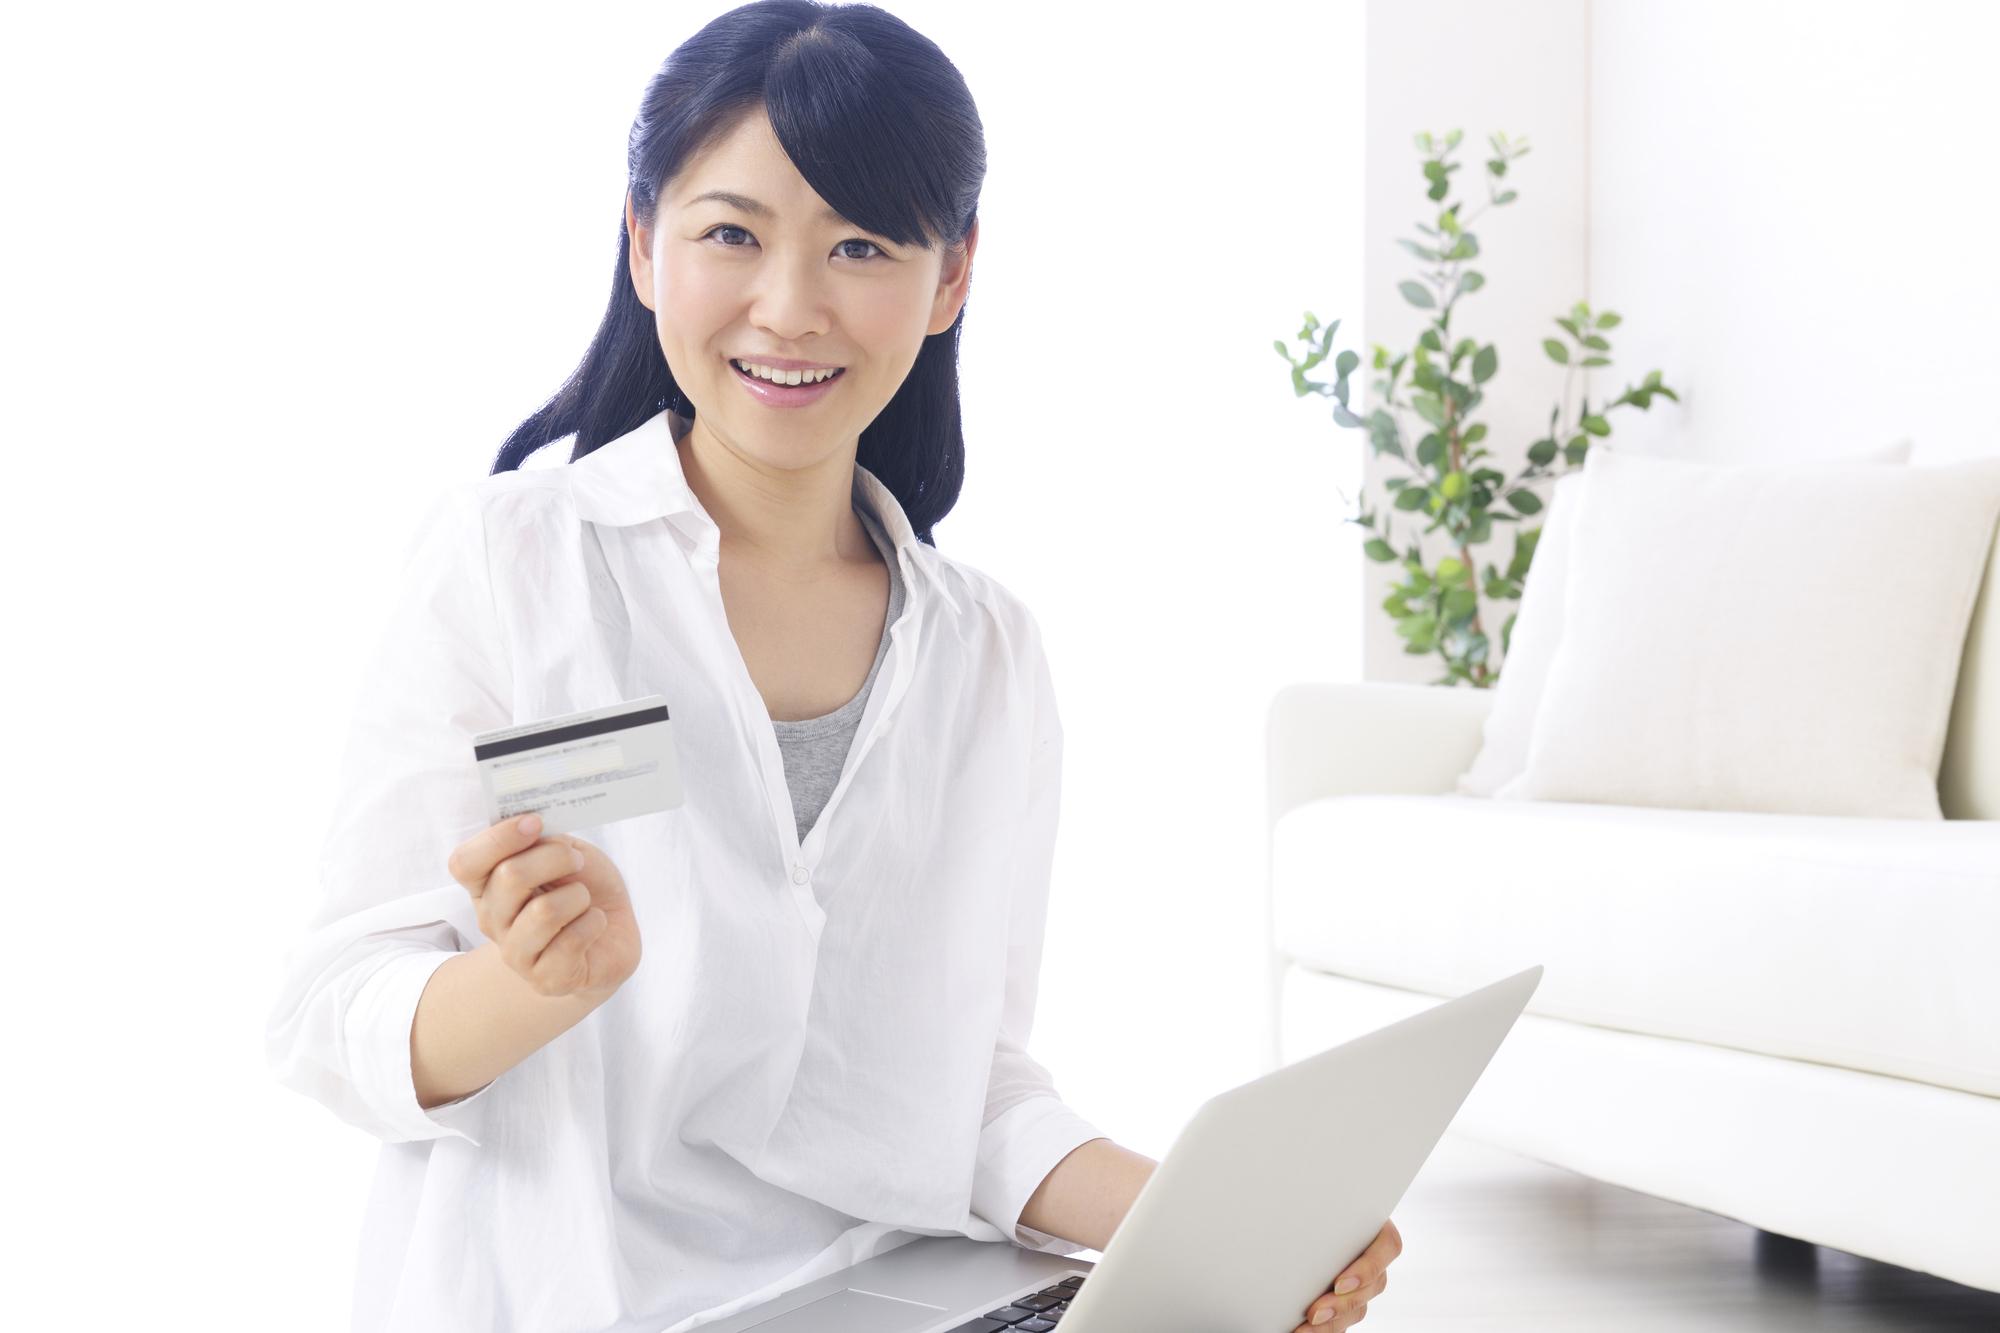 カードとパソコンを持つ女性